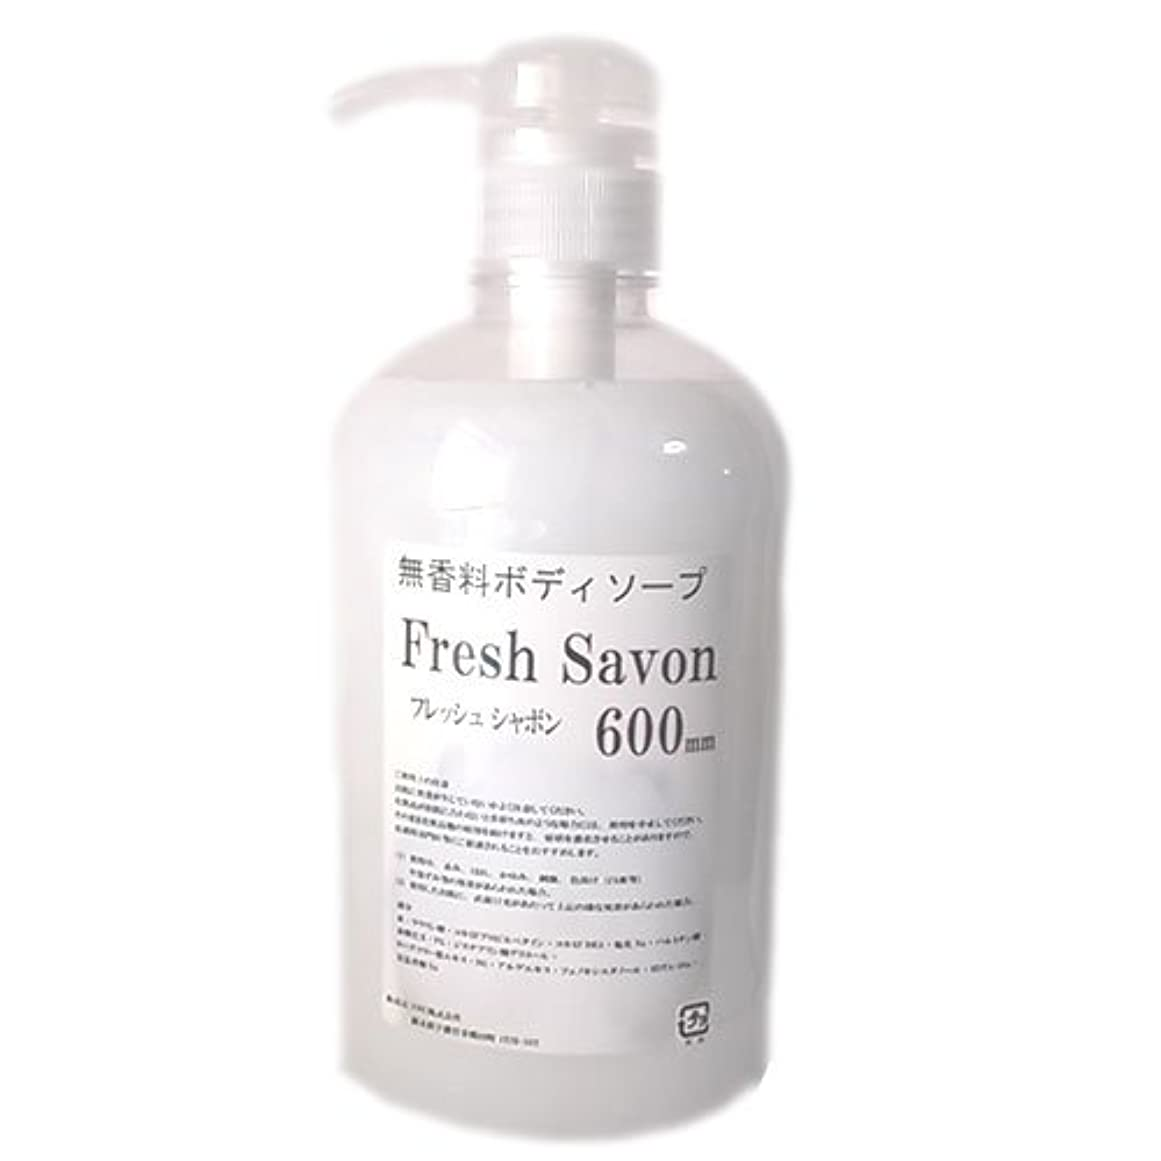 ヘッジ眠っている標高無香料ボディソープ フレッシュシャボン 600mL 香りが残らないタイプ (10本セット)